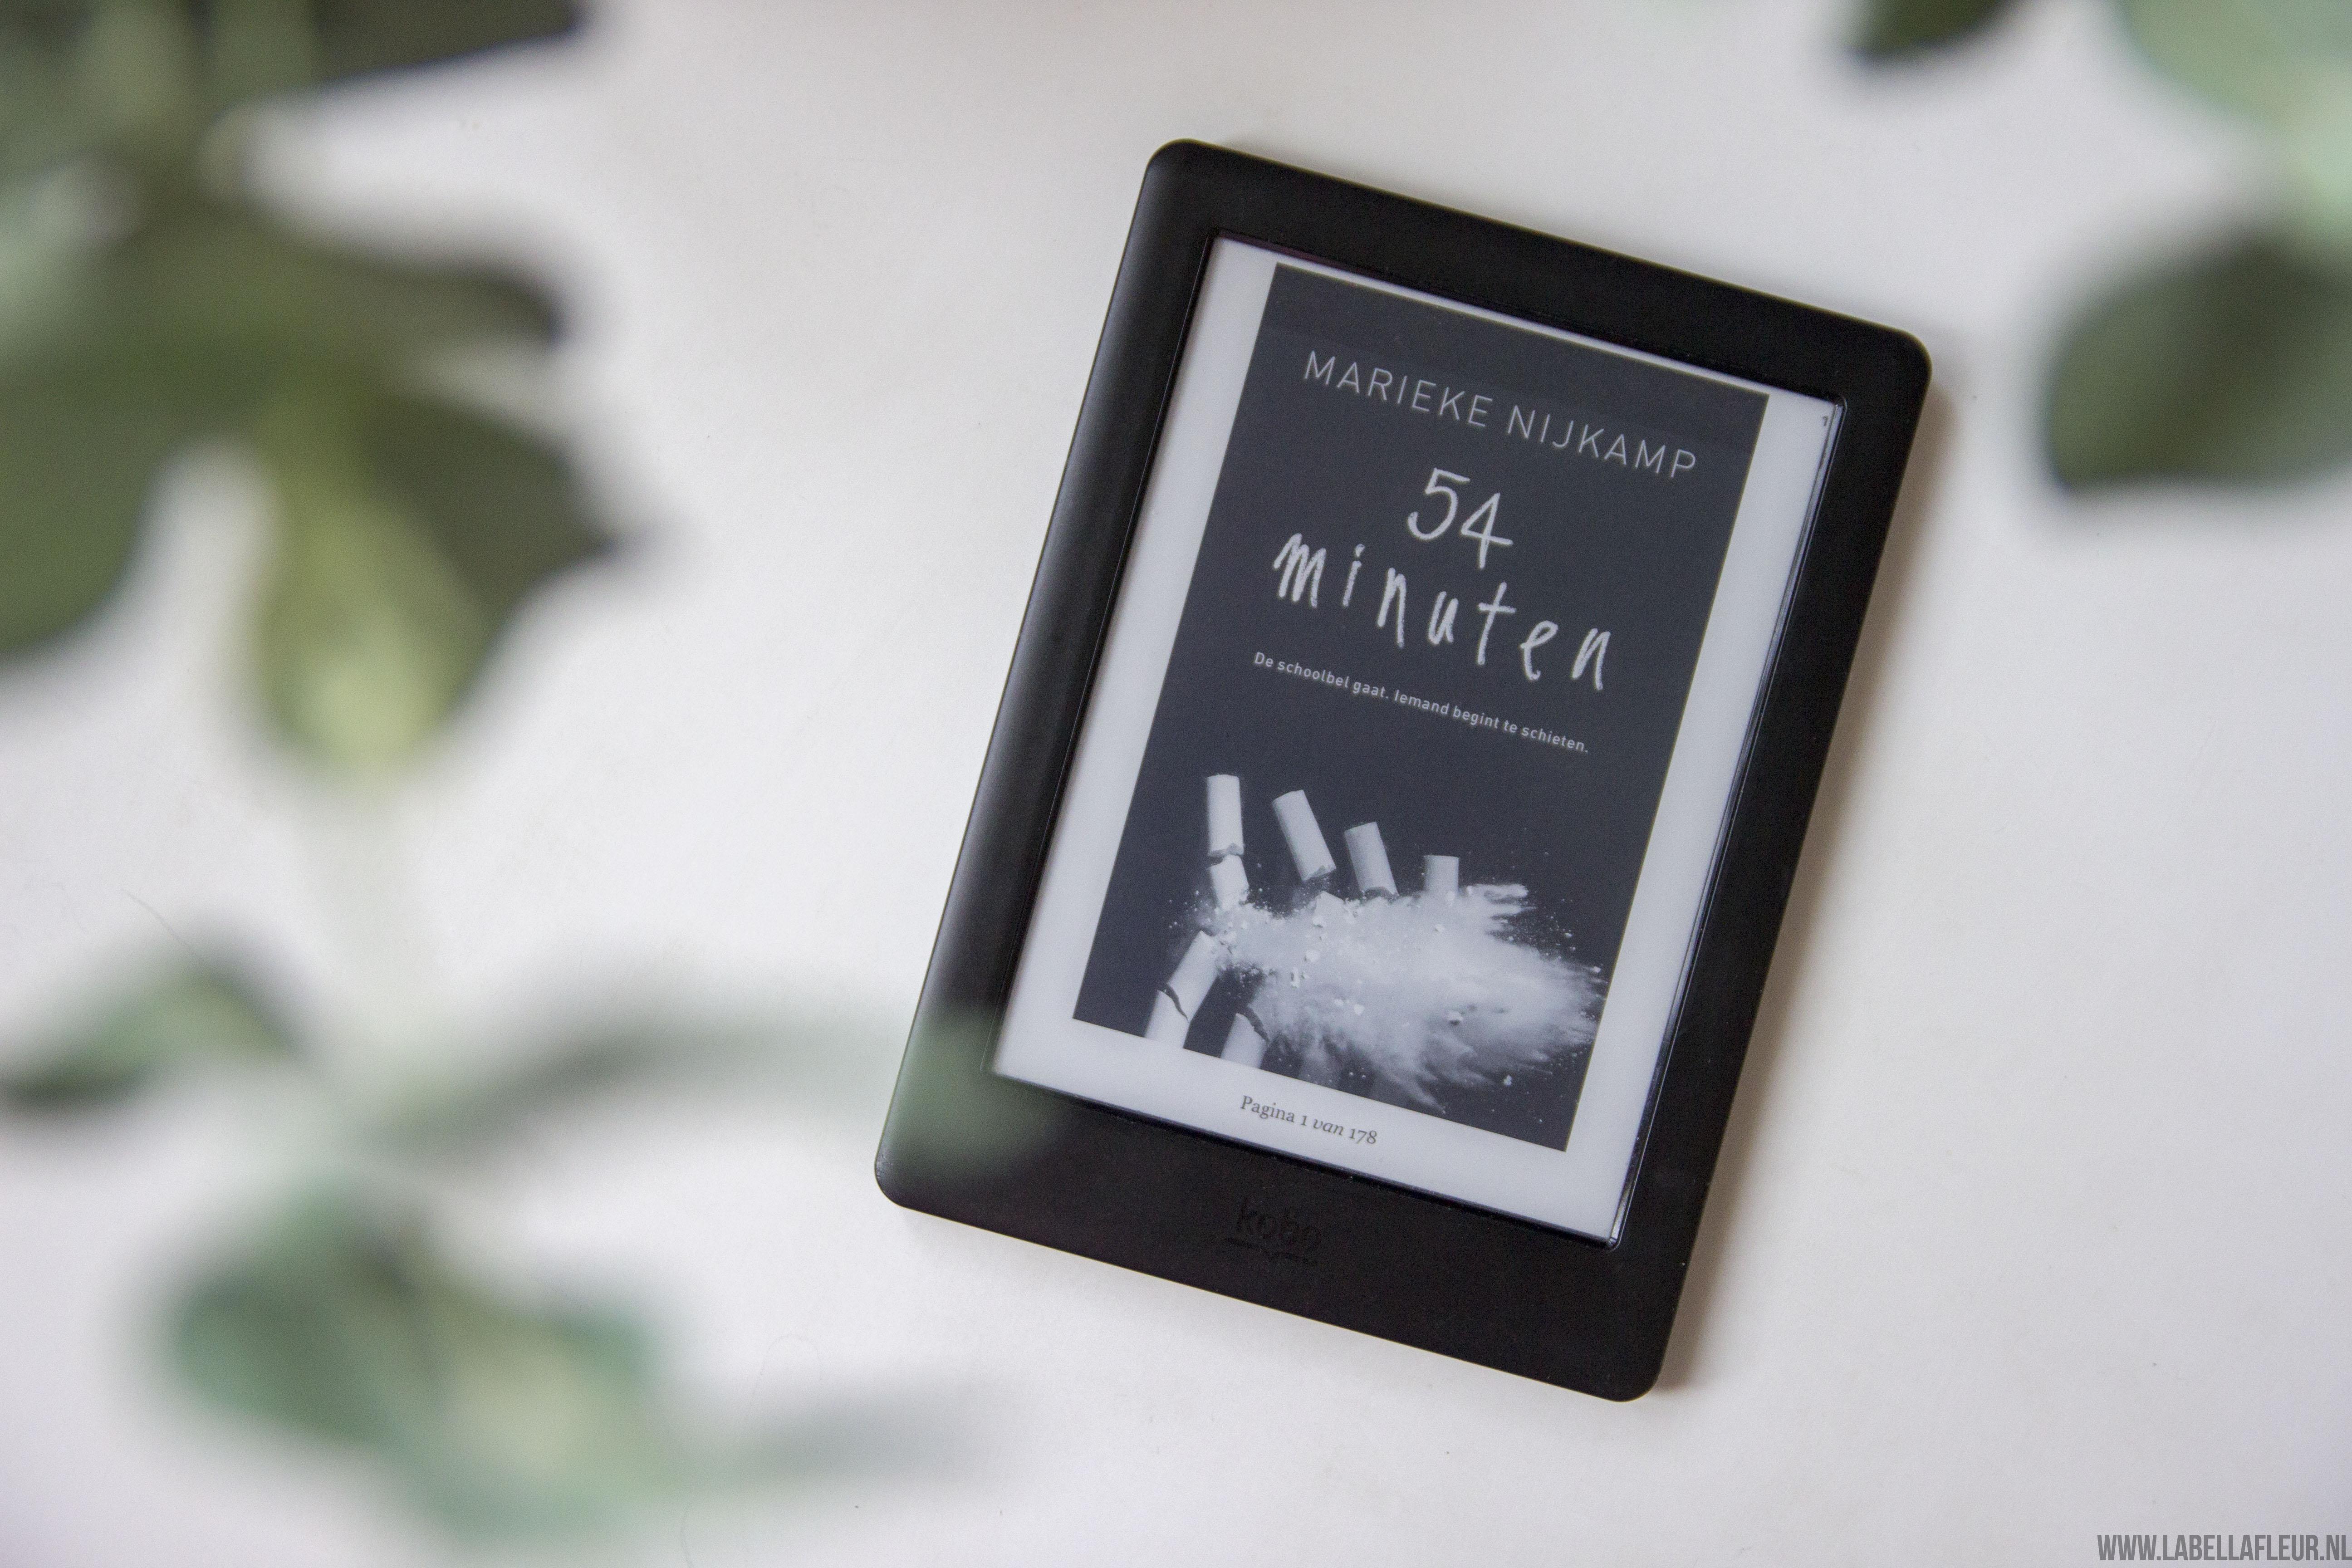 Boeken, Marieke Nijkamp, 54 minuten